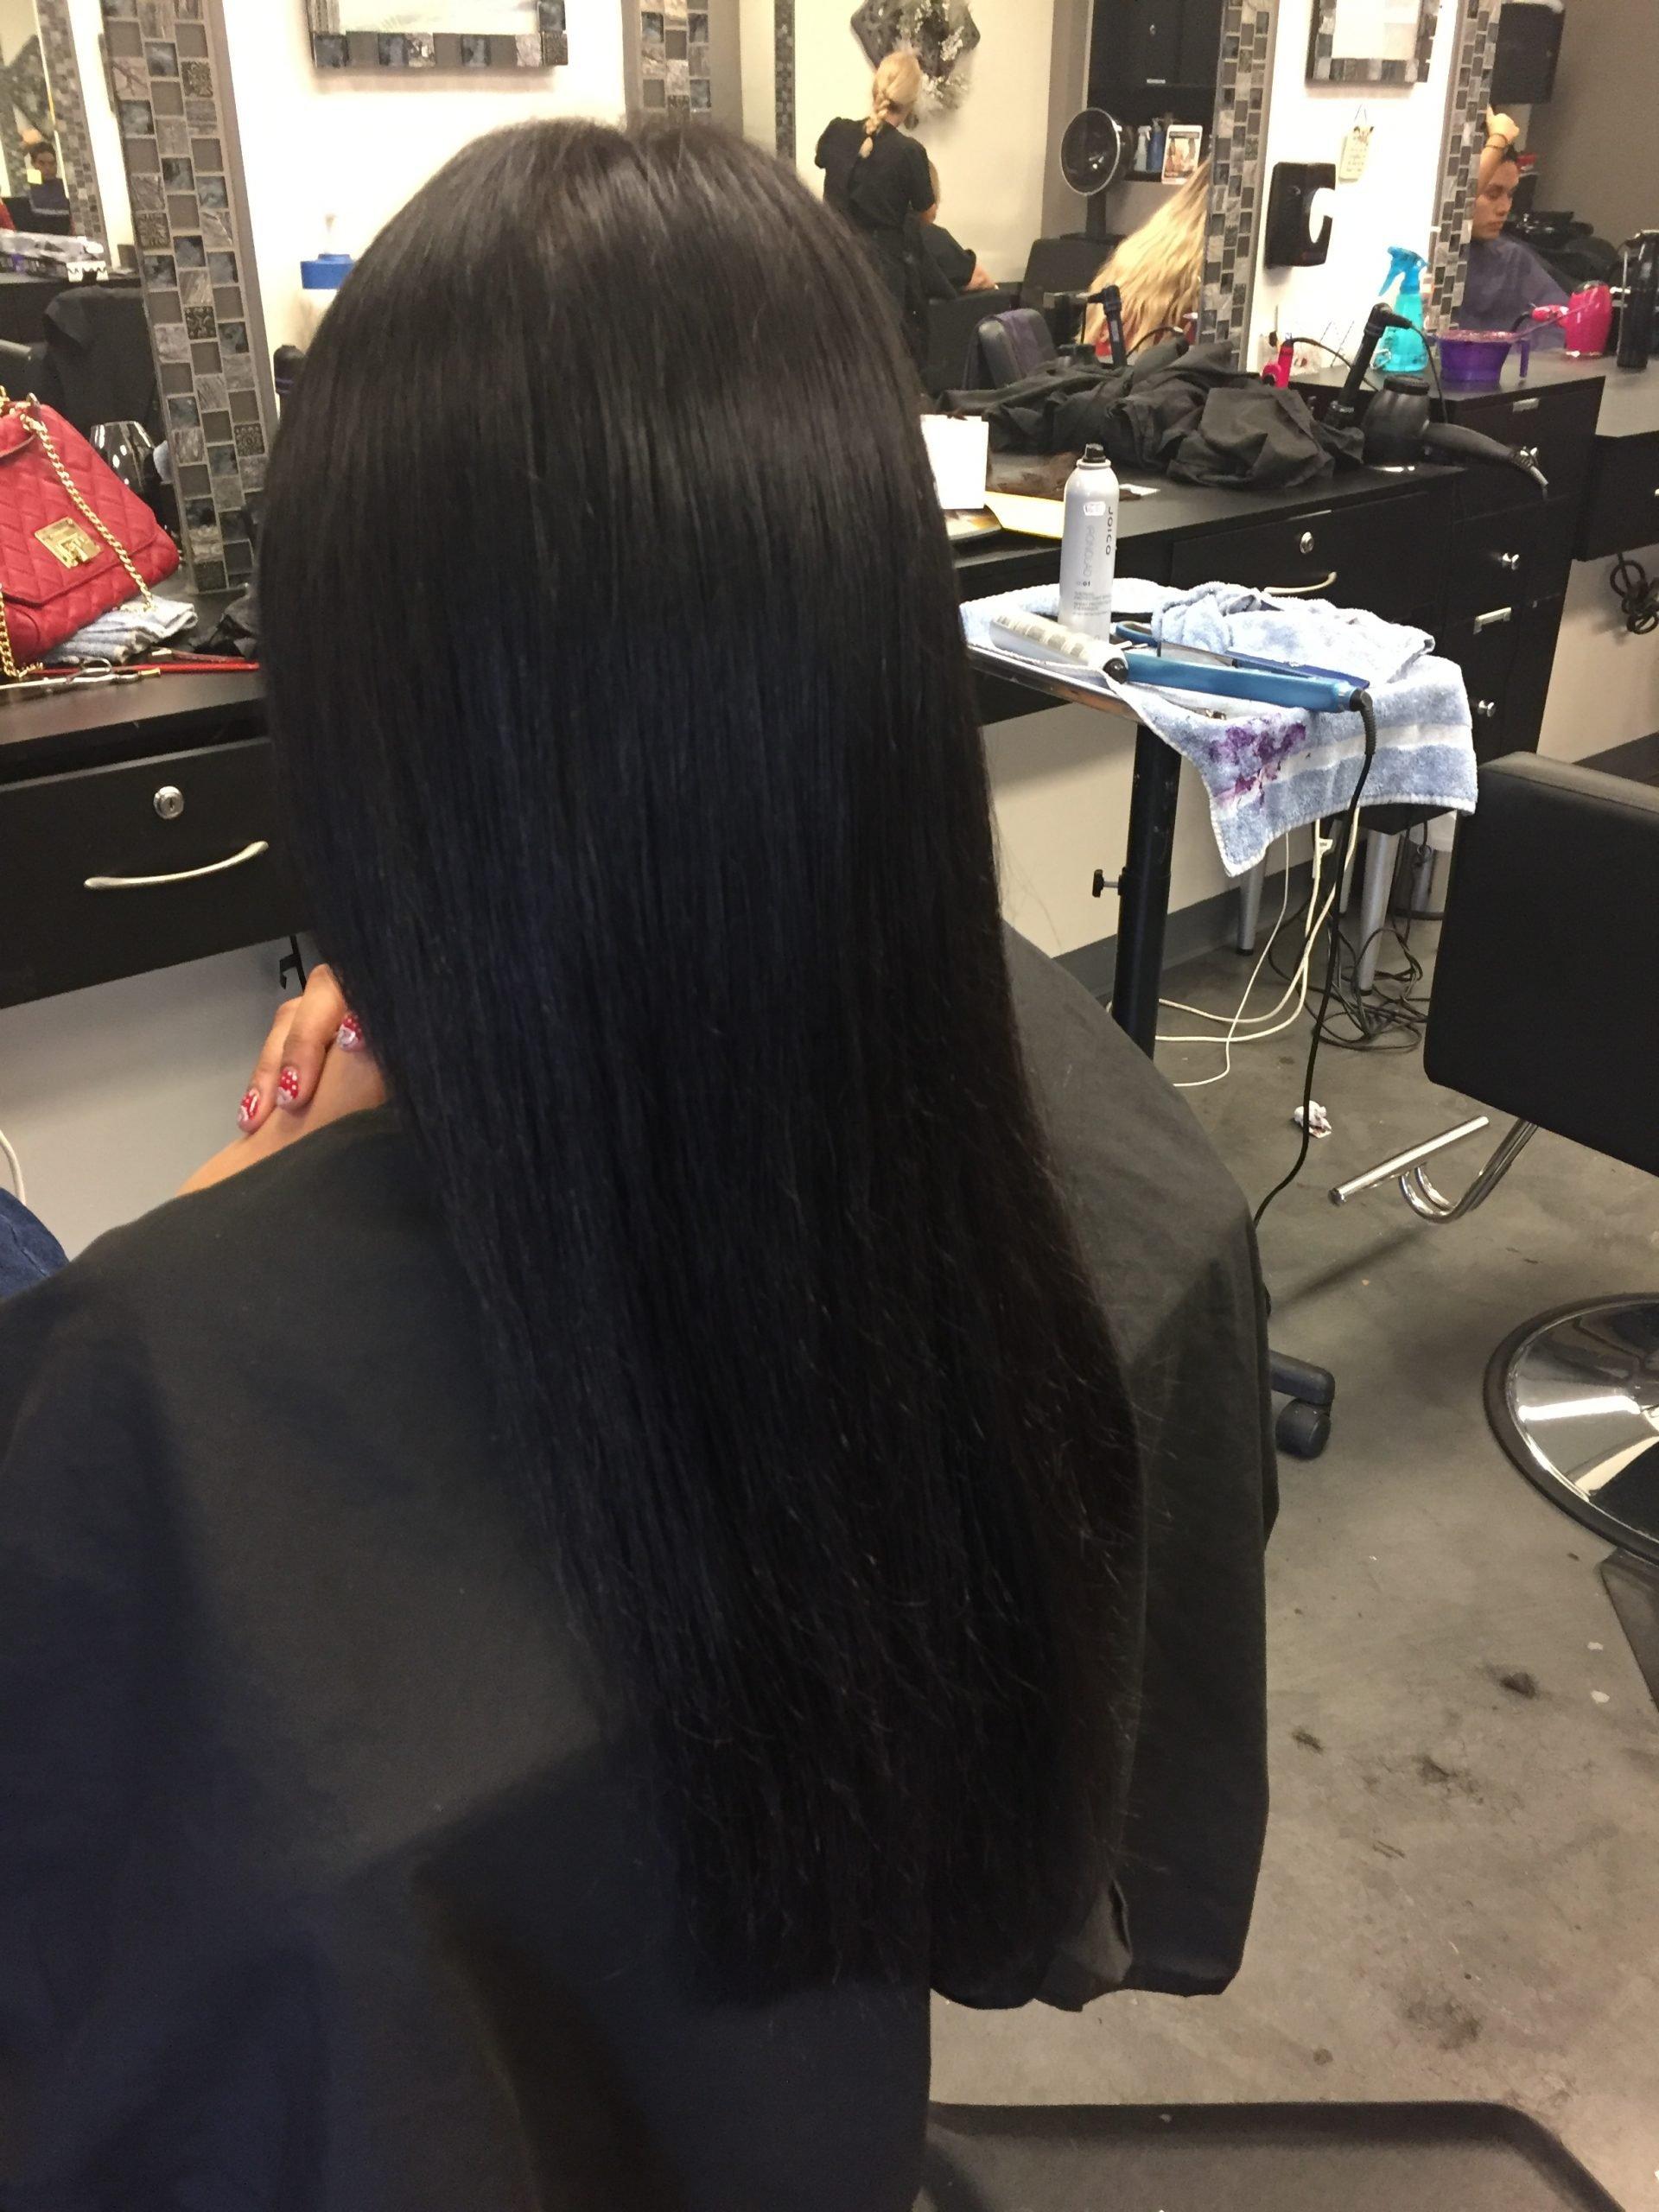 Hair Style Photos 19